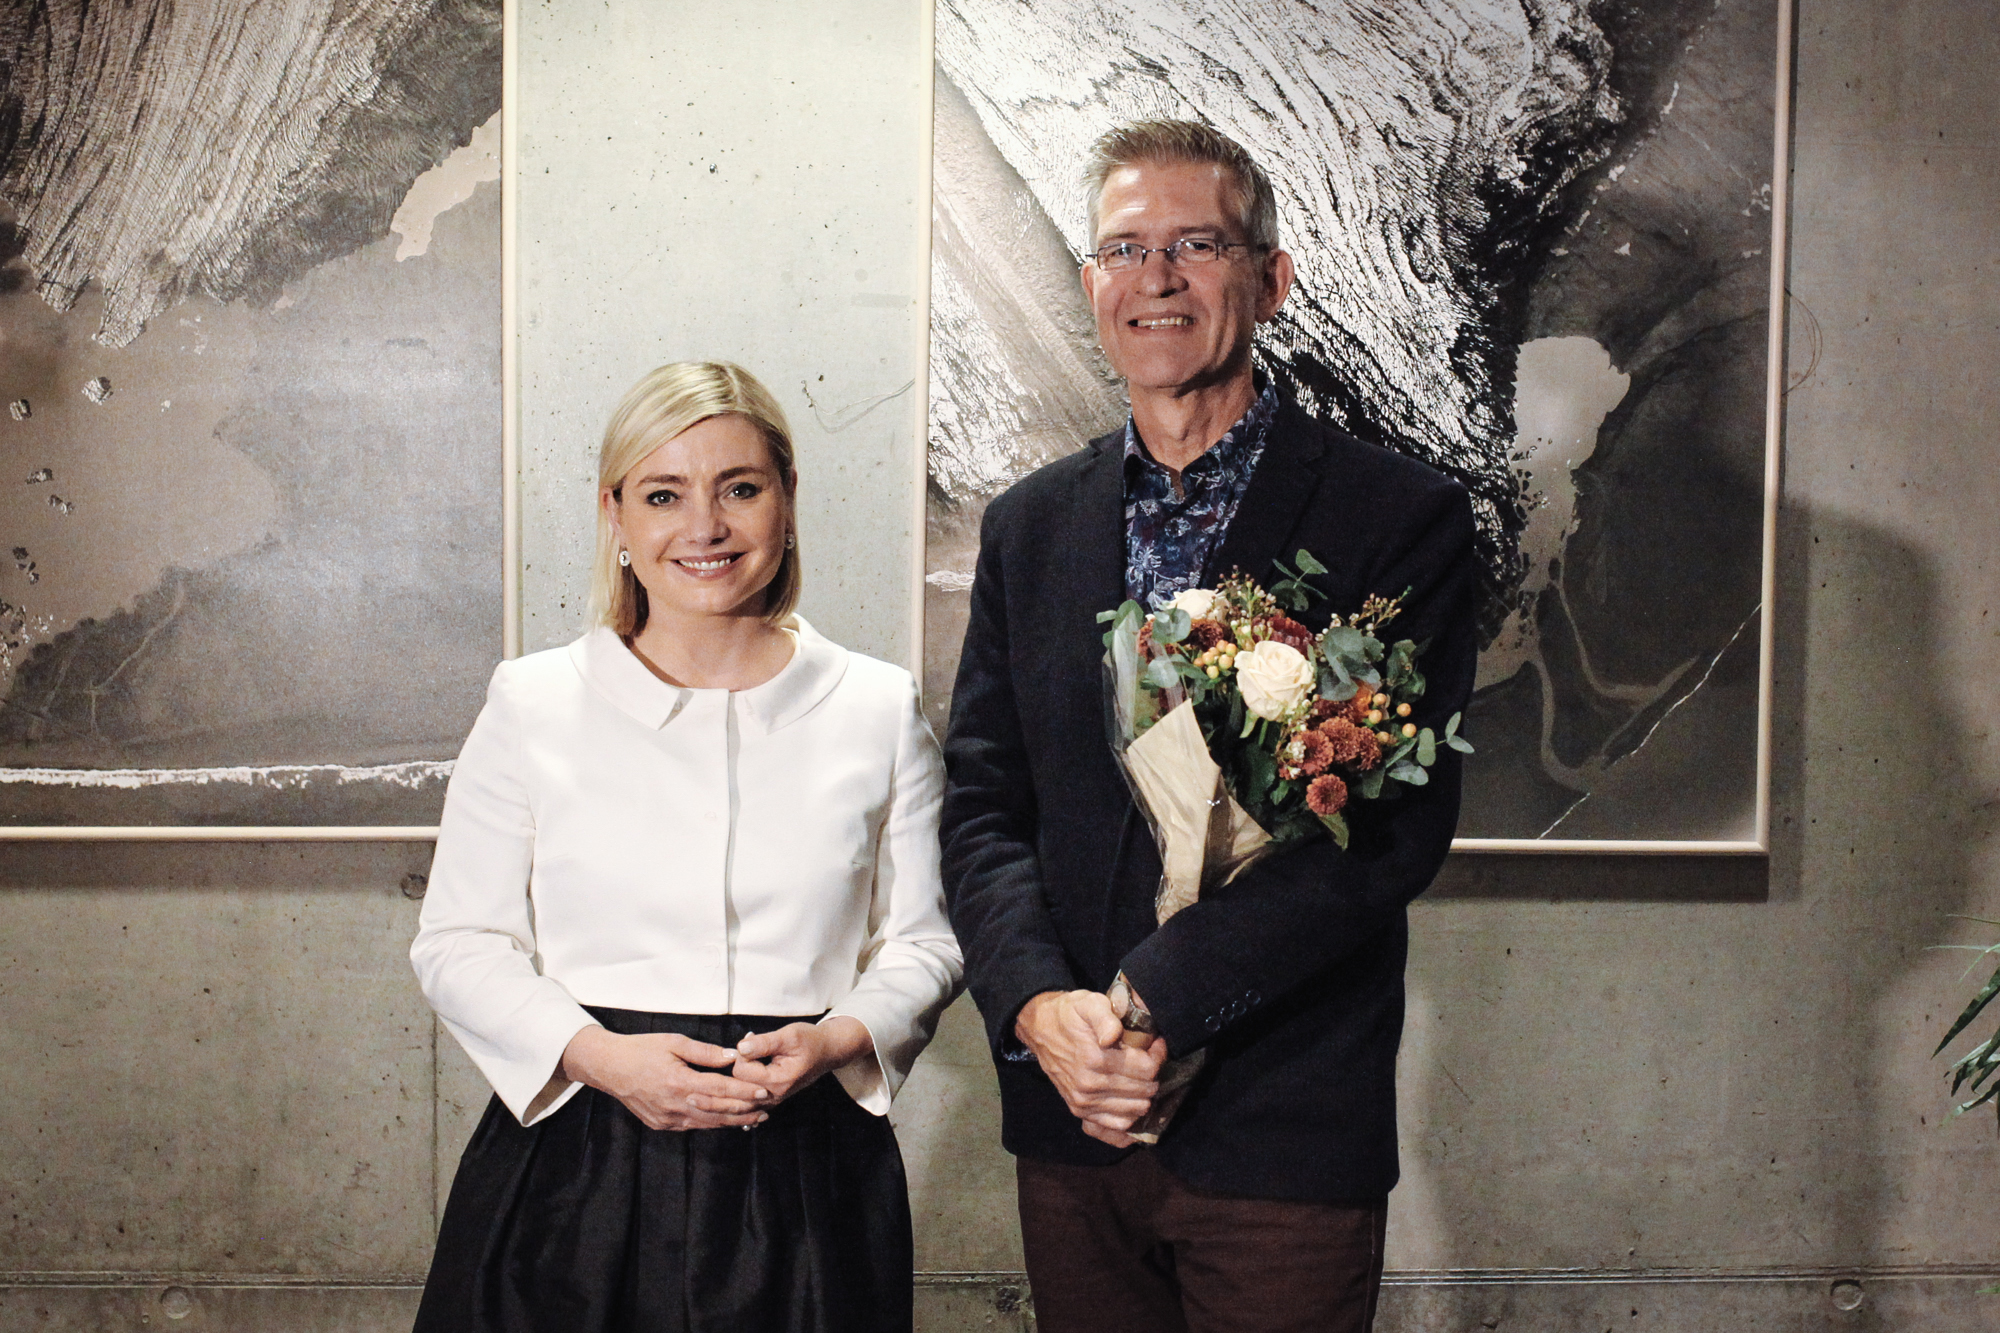 Lilja Alfreðsdóttir, mennta- og menningarmálaráðherra, og Aðalsteinn Ásberg Sigurðsson, skáld og rithöfundur.